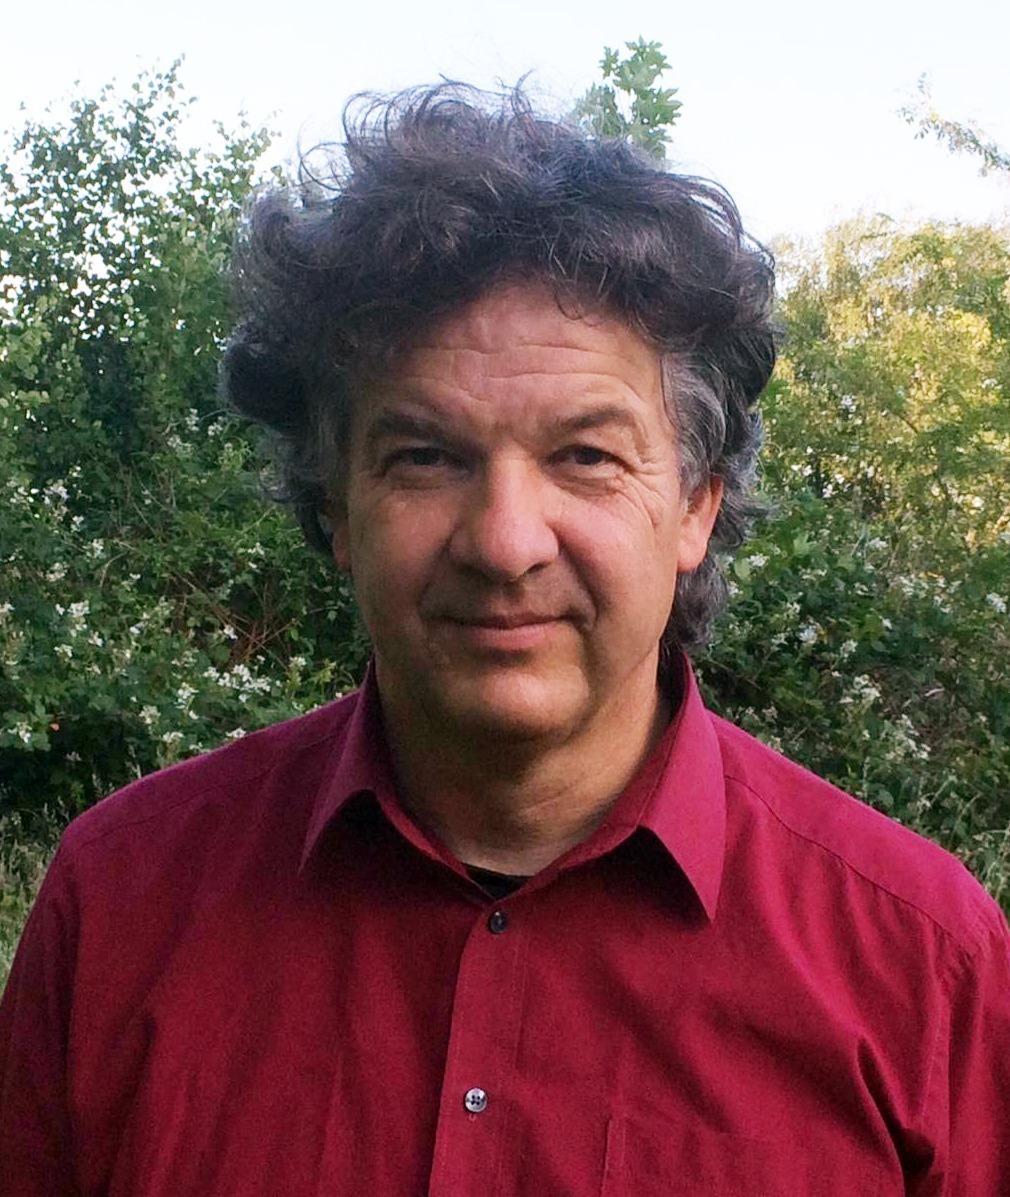 Eric van den Berg, BrainMirror